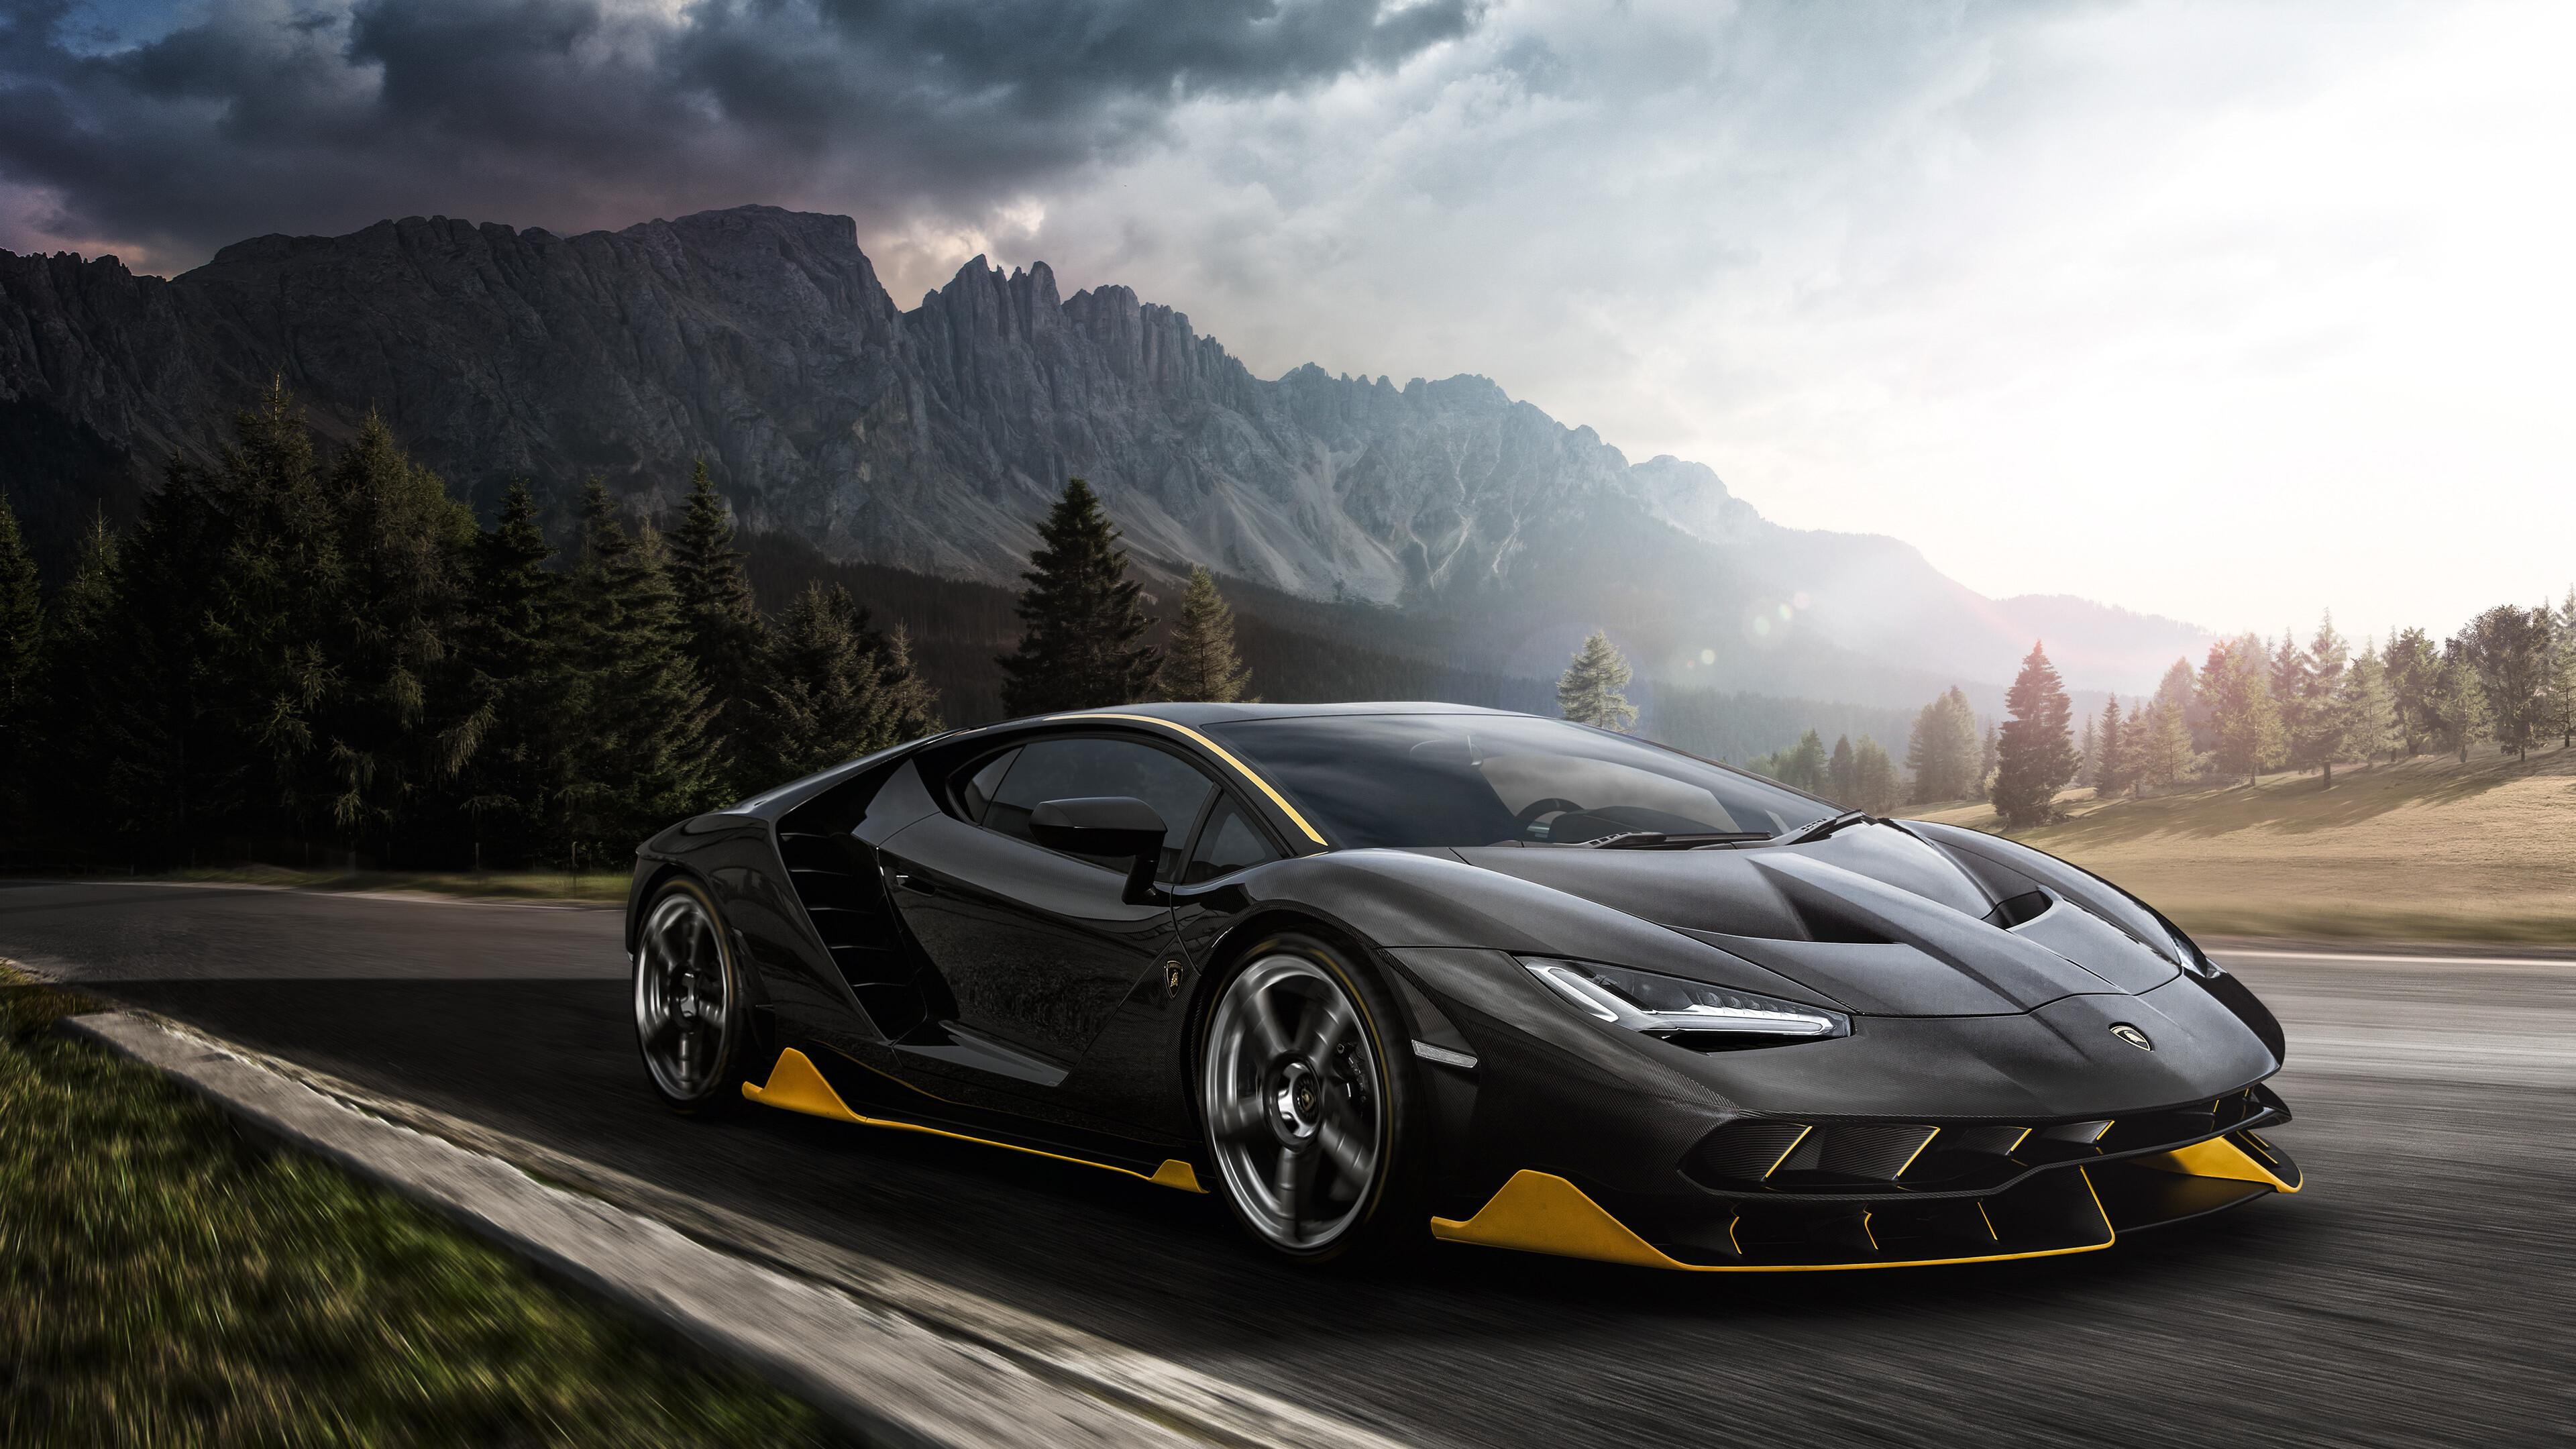 4k Lamborghini Aventador Lamborghini Sports Car Wallpaper: 3840x2160 Black Lamborghini Aventador 4k 2018 4k HD 4k